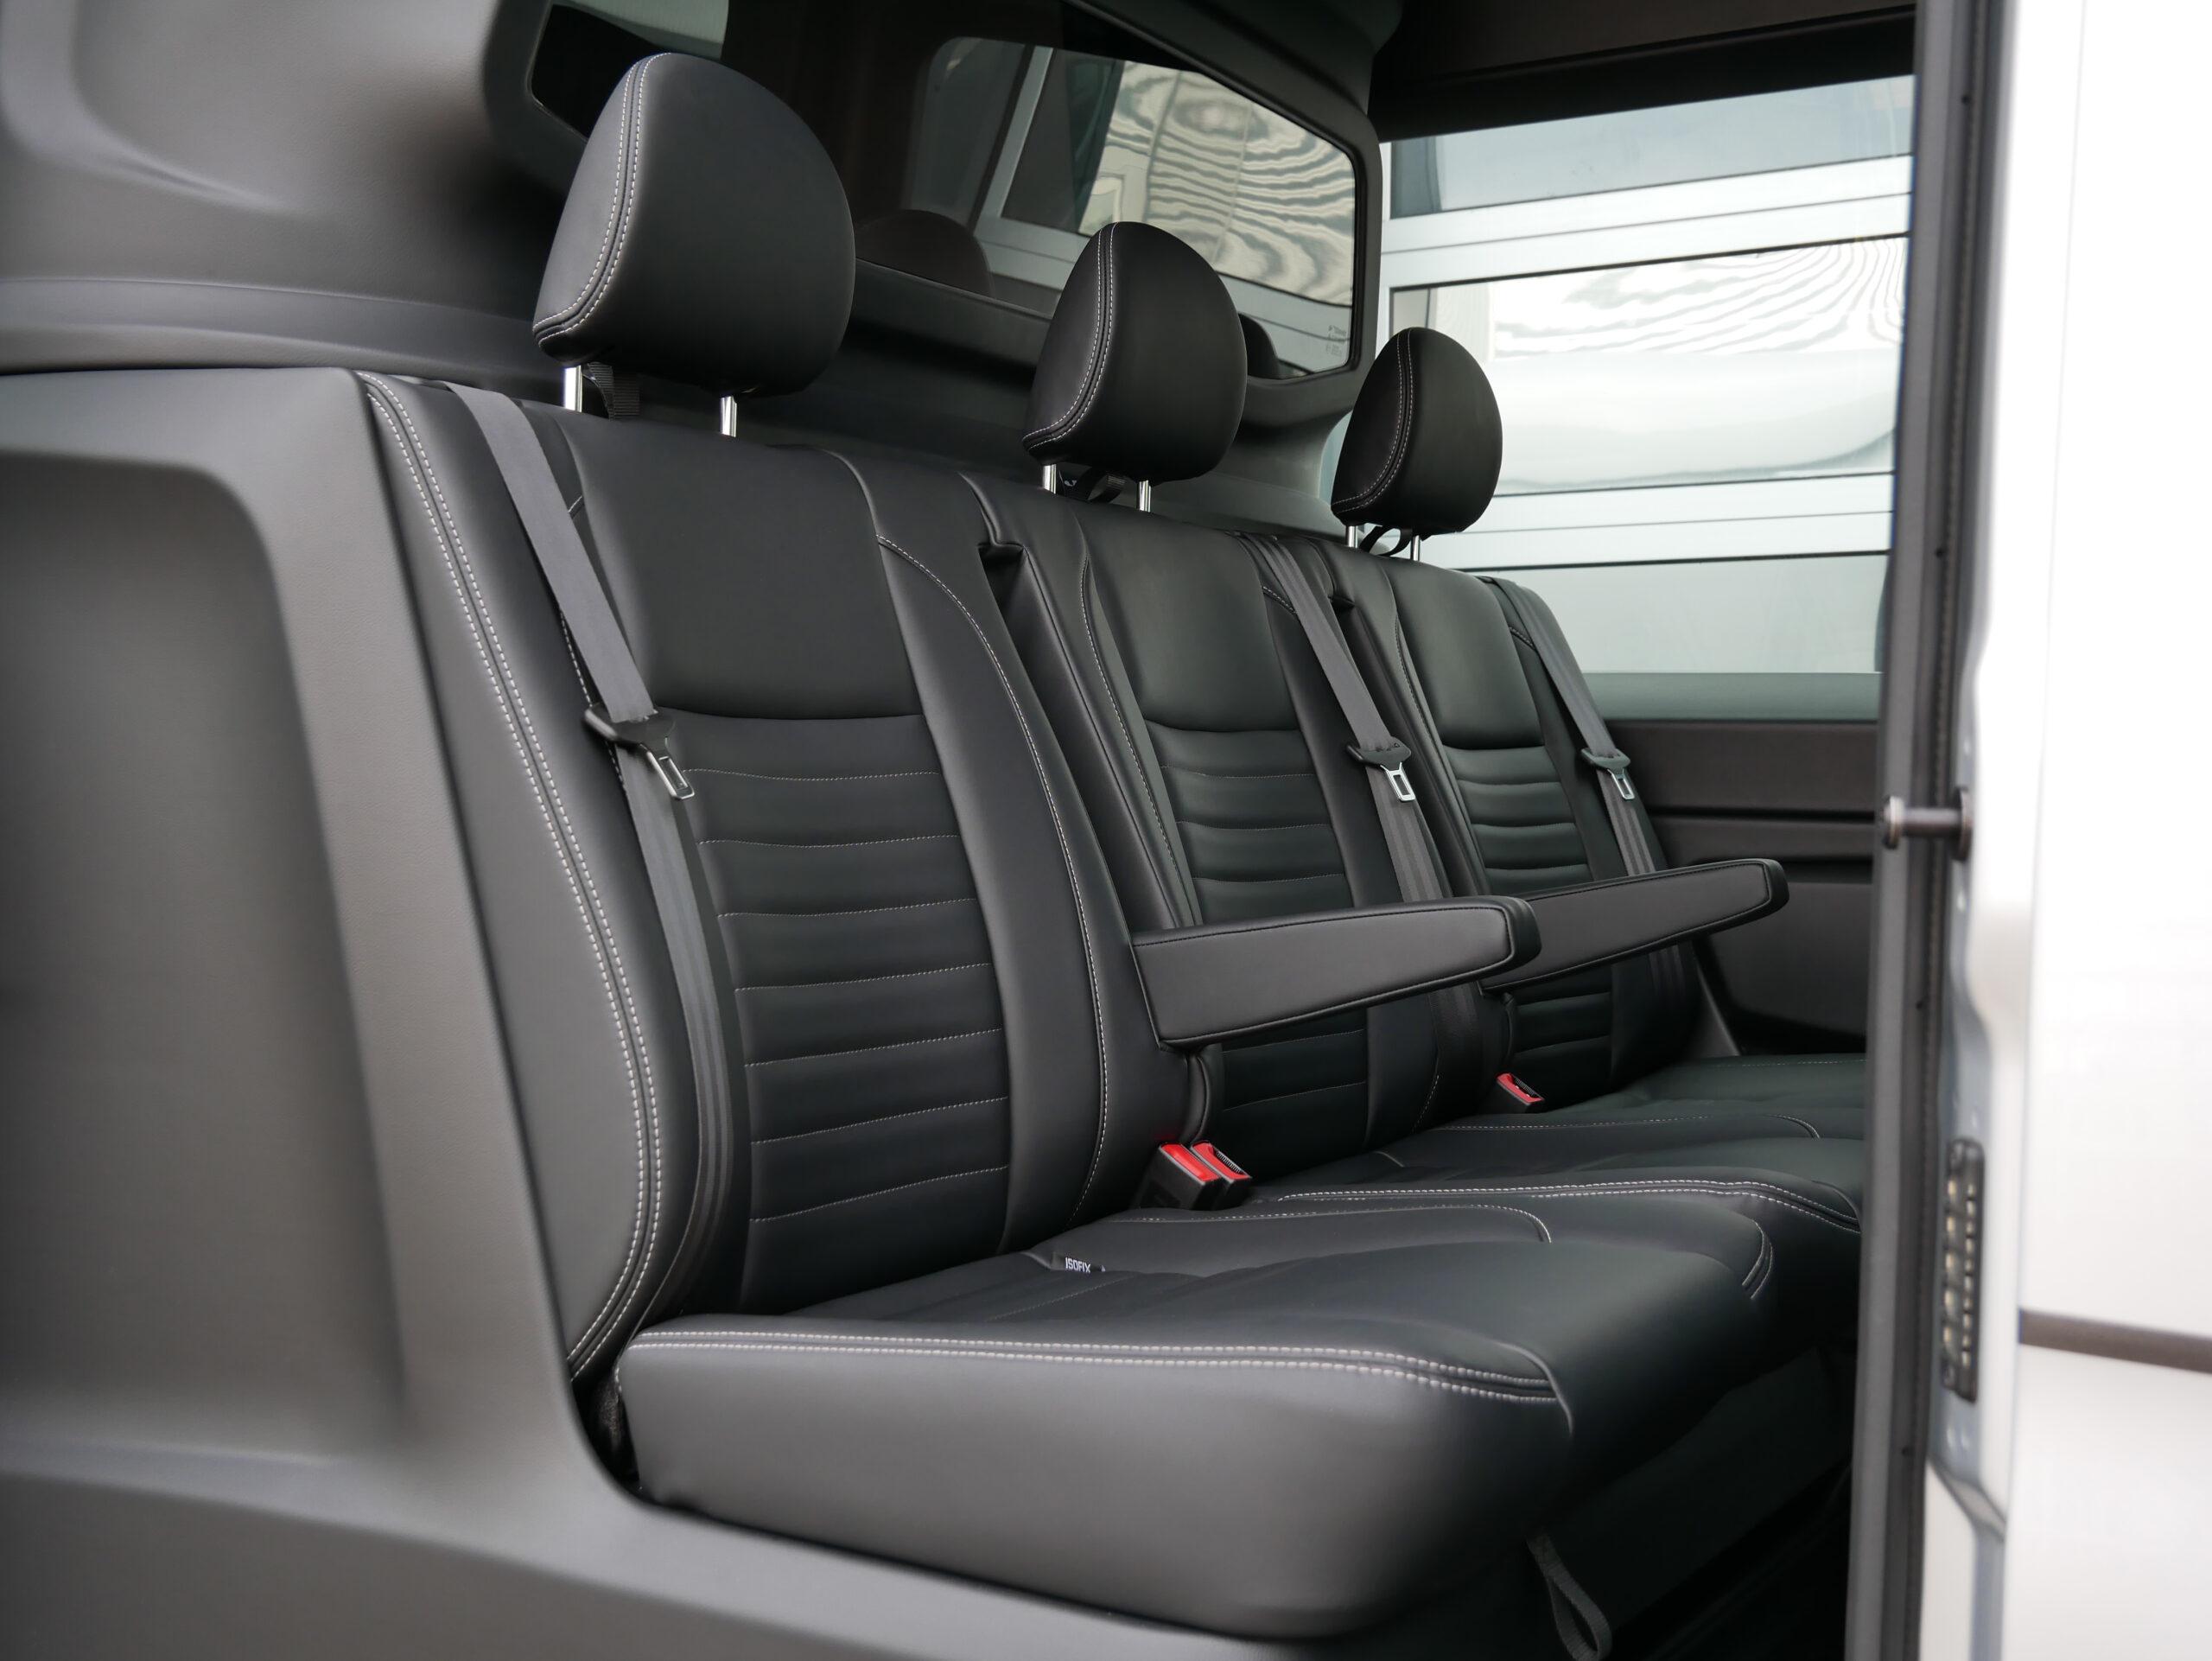 Mercedes-Benz Sprinter Crew Van by Snoeks Automotive